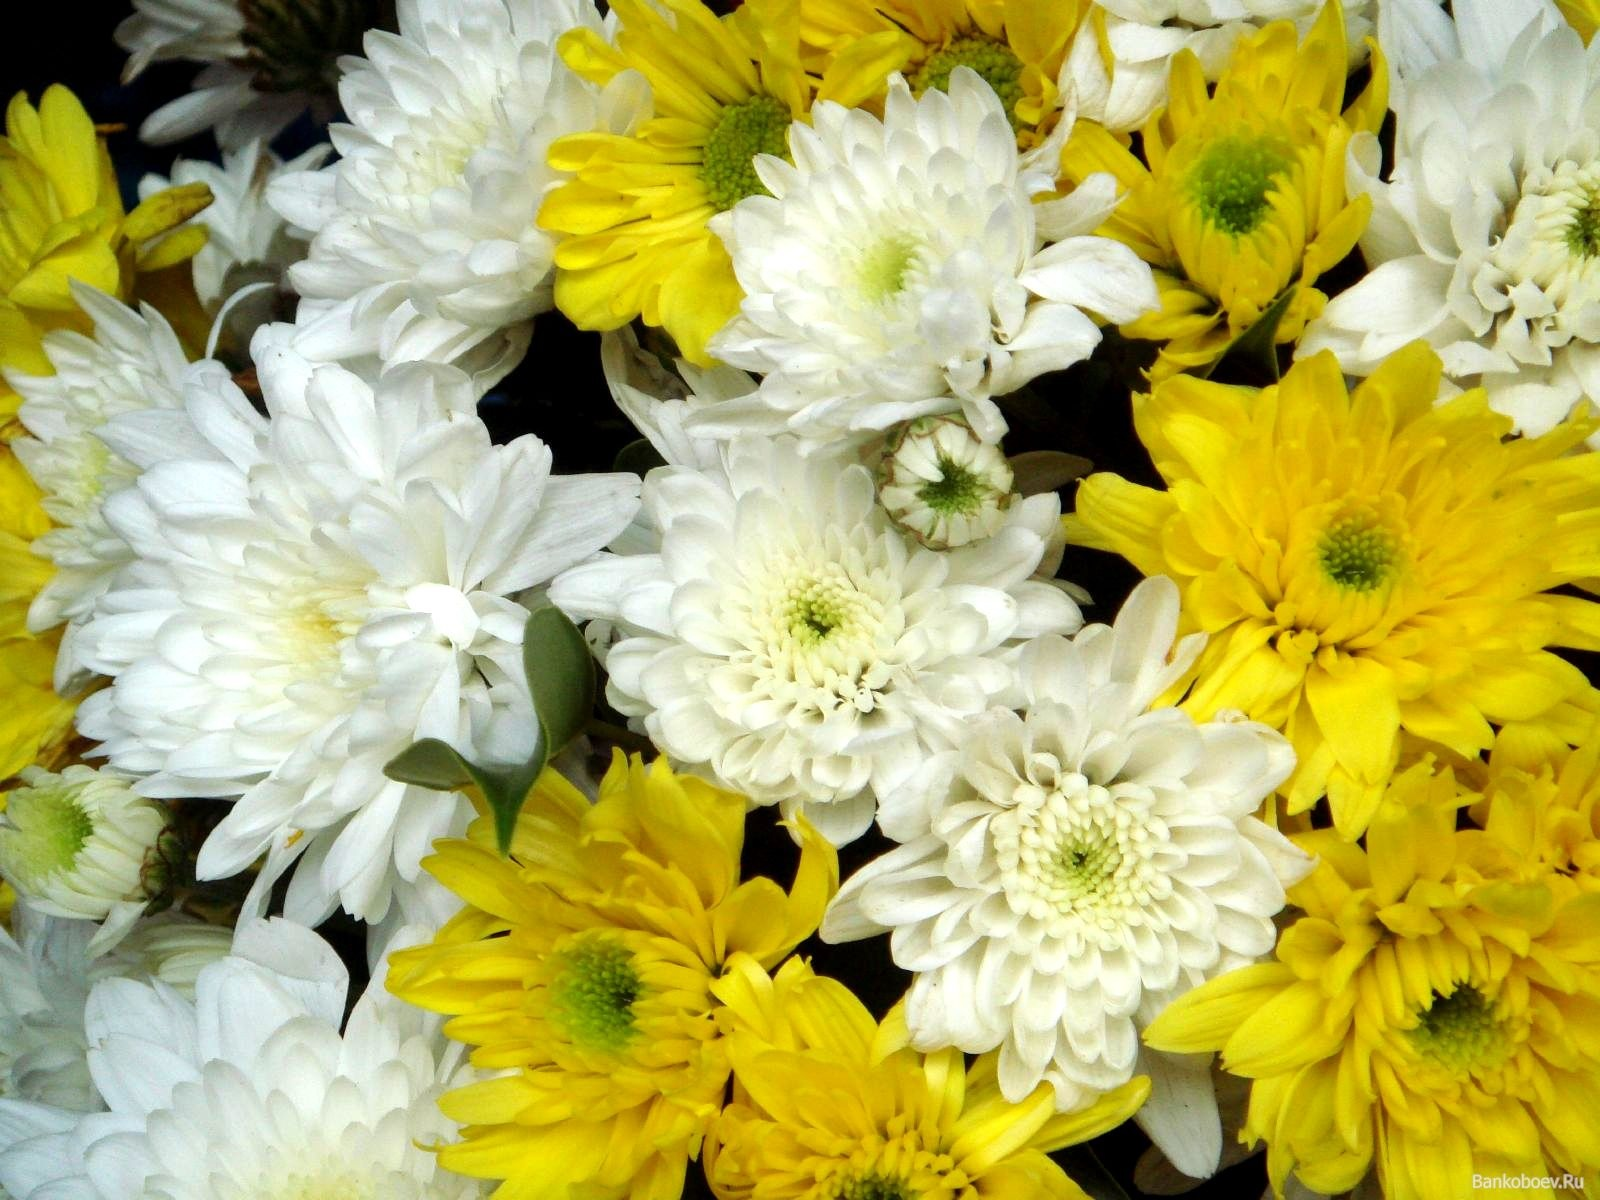 Сочетание белых и желтых хризантем в одном букете